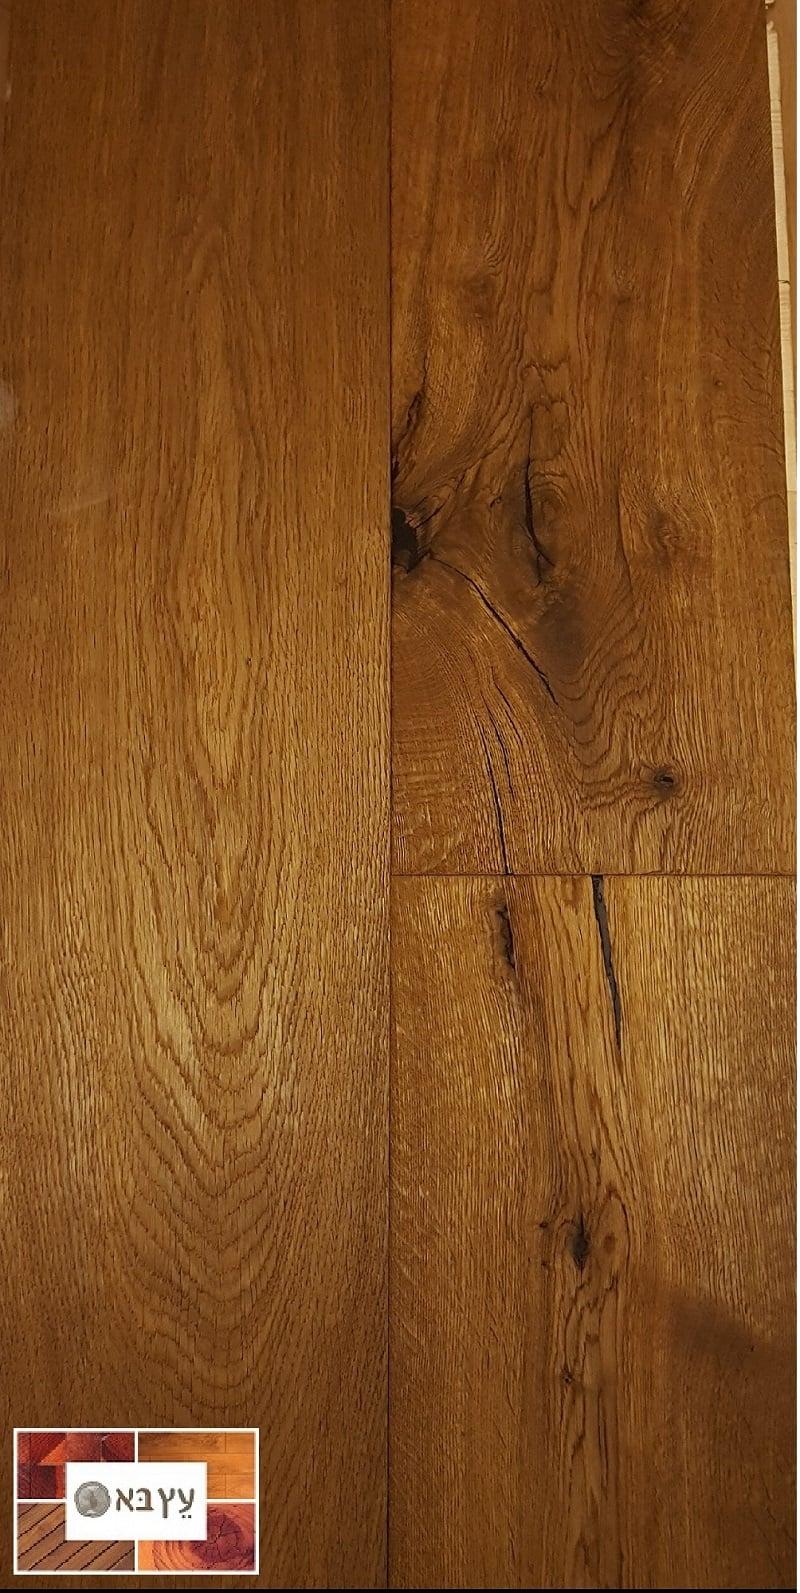 מצטיין פרקט עץ אלון תלת שכבתי מעושן בשמן - פרקטים EW-42